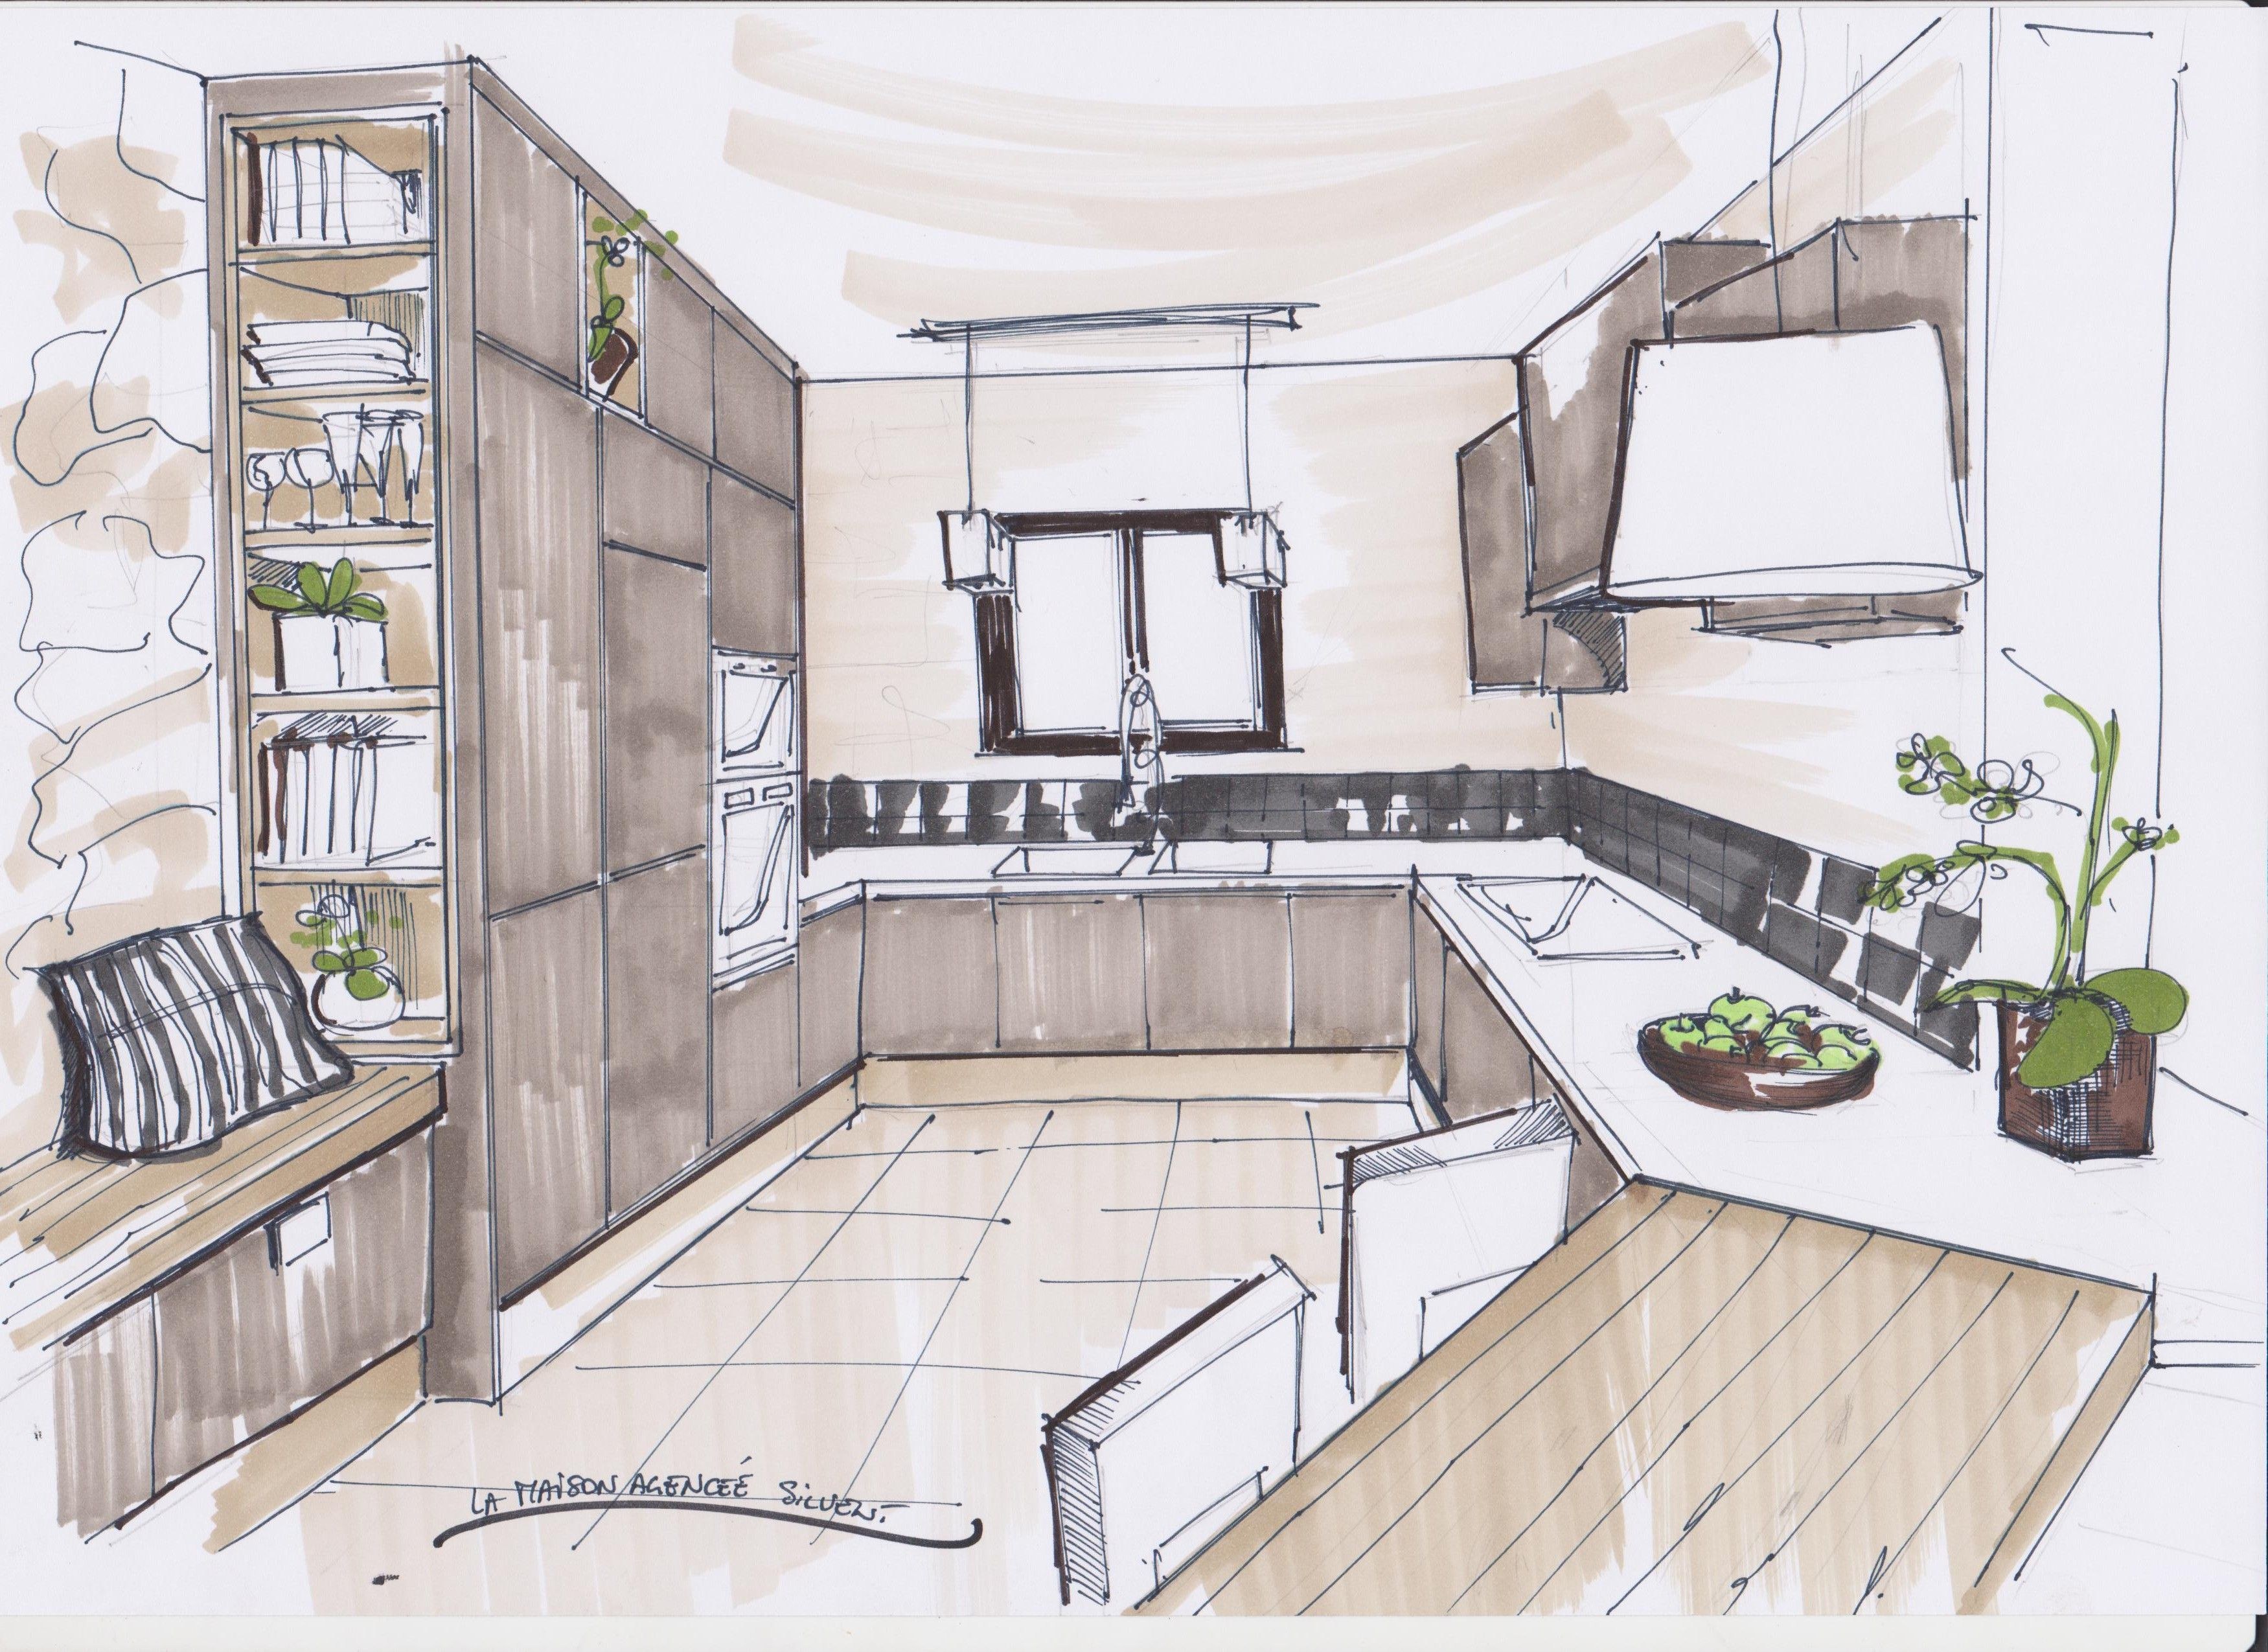 croquis cuisine model dessins archi pinterest skizzen entwurf et architektur. Black Bedroom Furniture Sets. Home Design Ideas